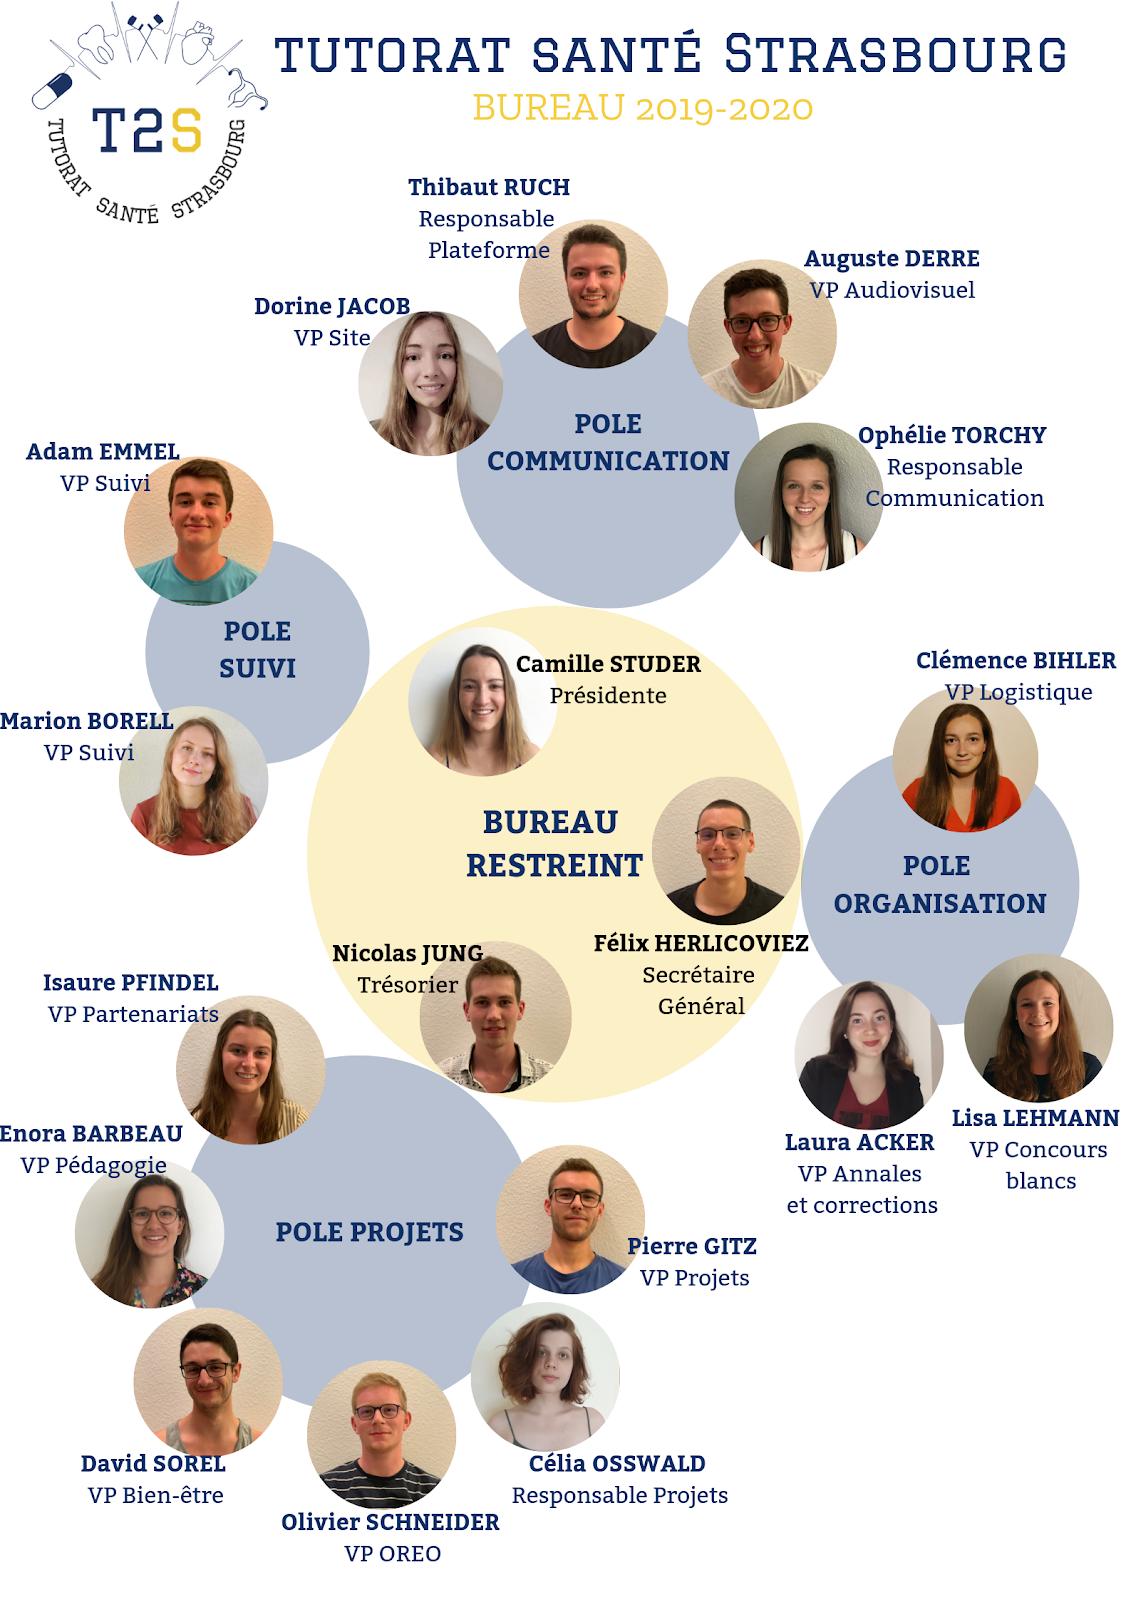 Bureau 2019-2020 du T2S